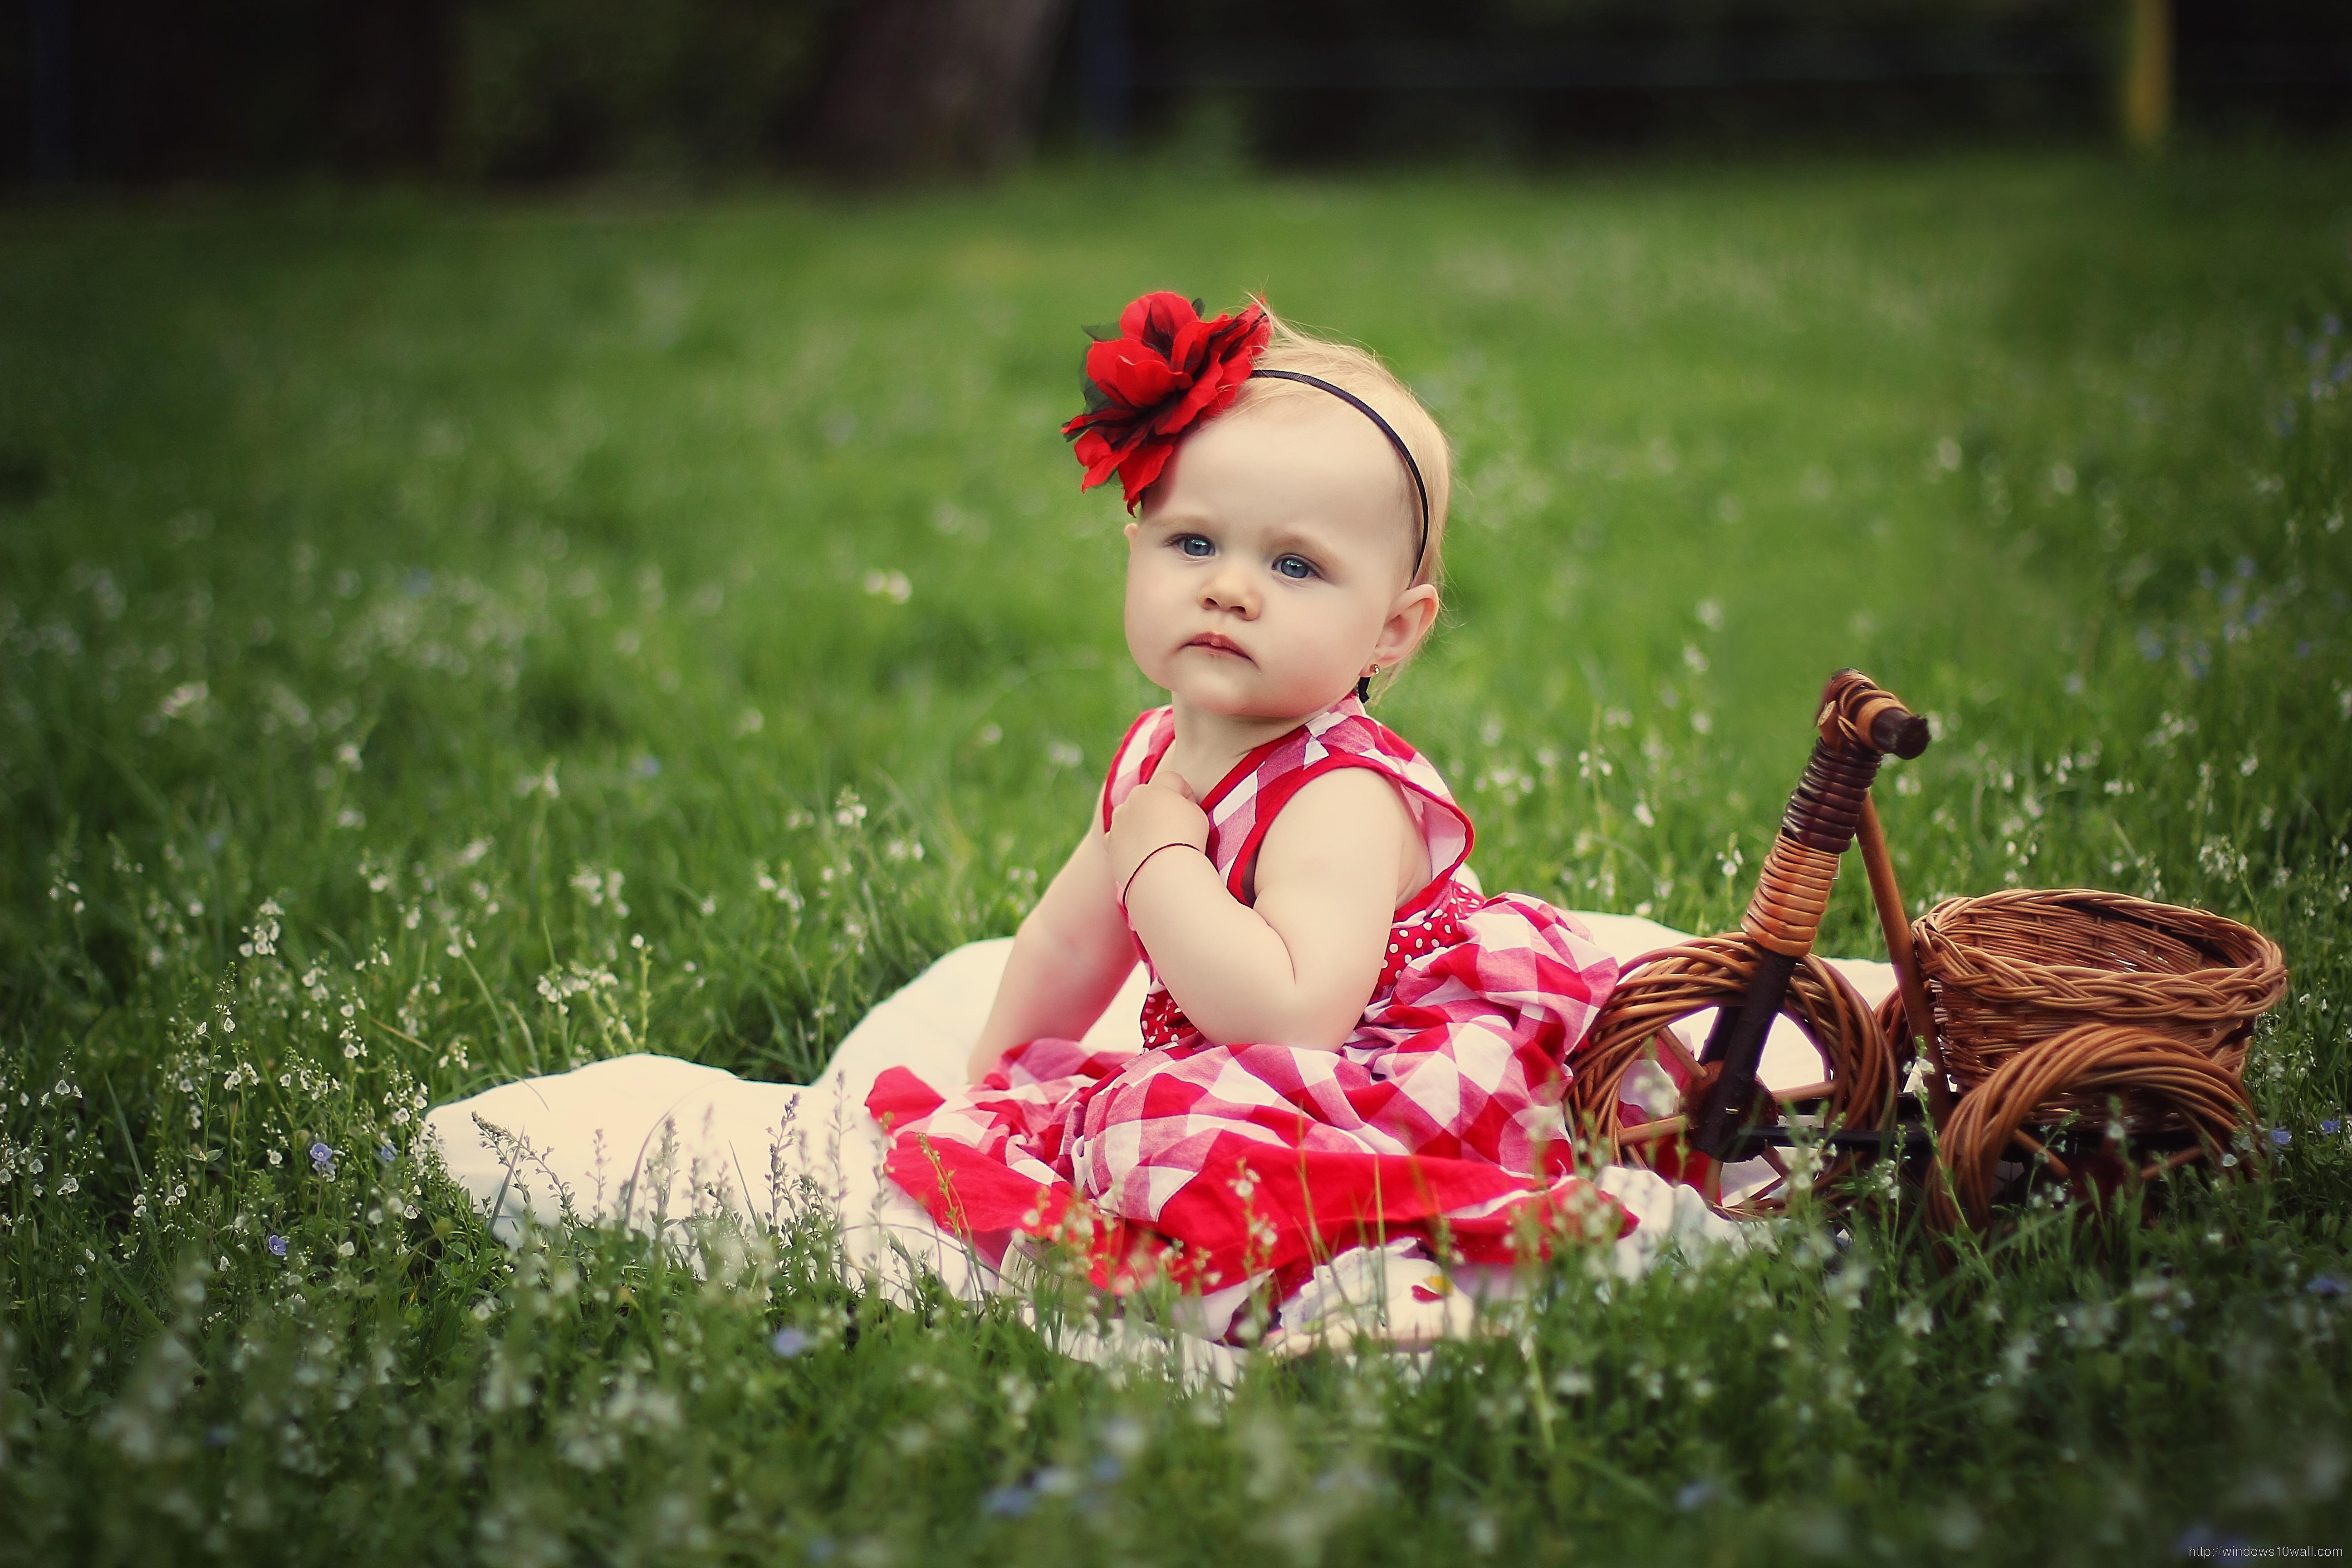 Cute Baby Girl In Field Wallpaper